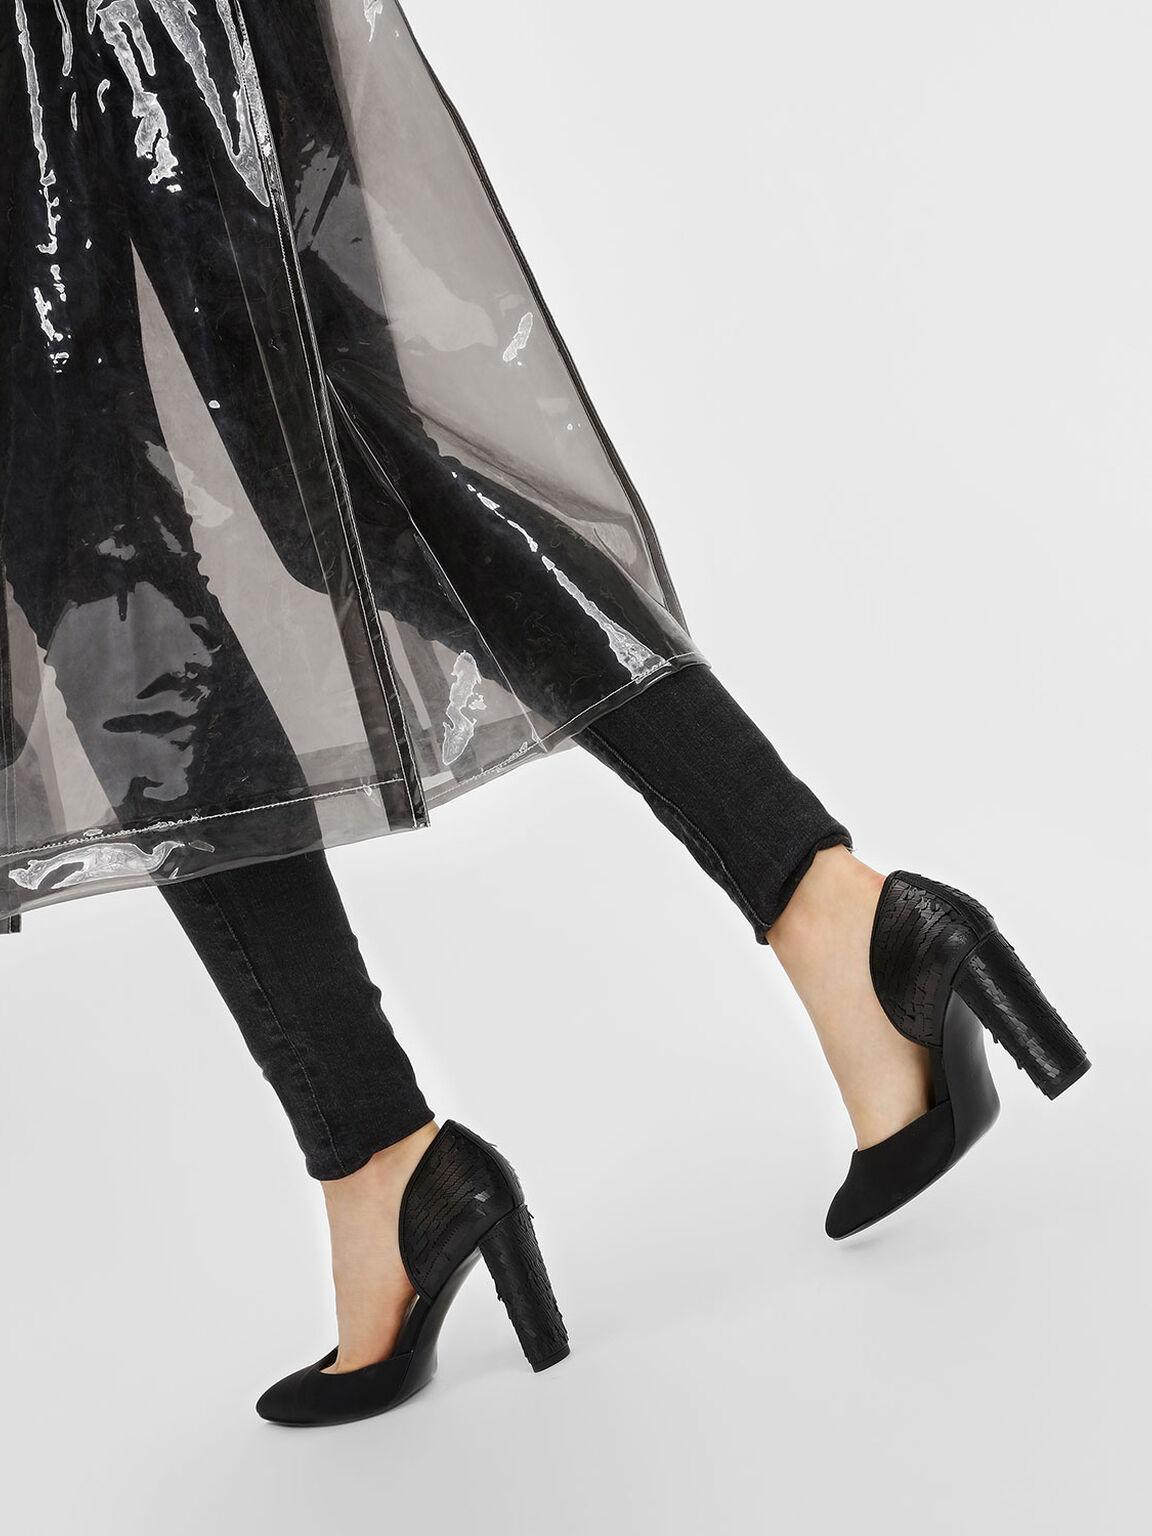 Sequin D'orsay Pumps, Black, hi-res